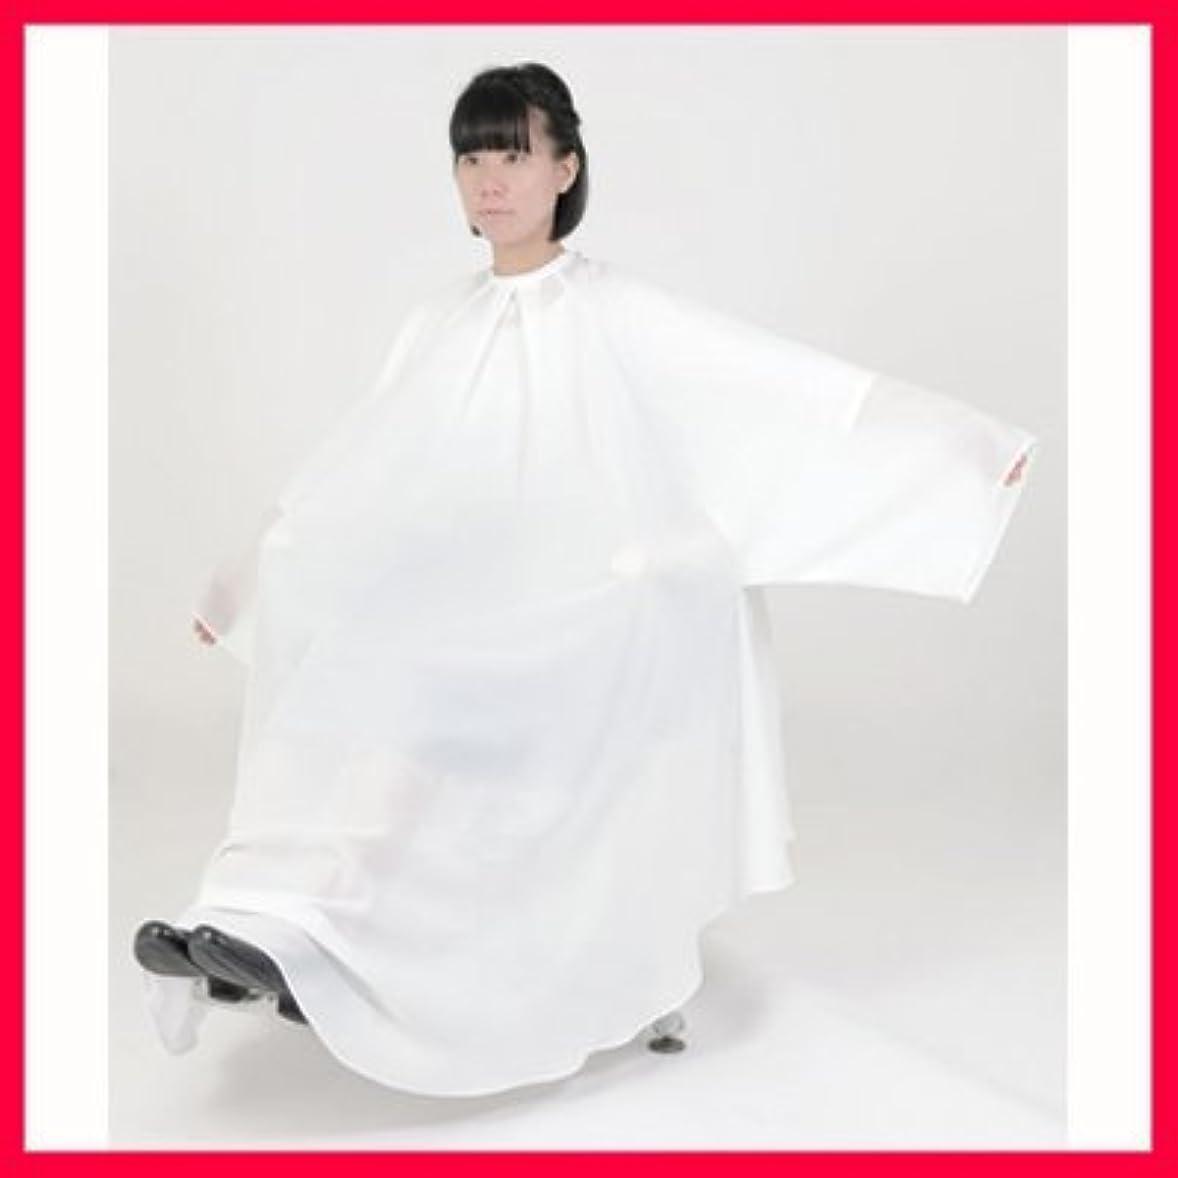 果てしない気怠い早熟エクセル 8112 ビッグドレス(カット)ホワイト